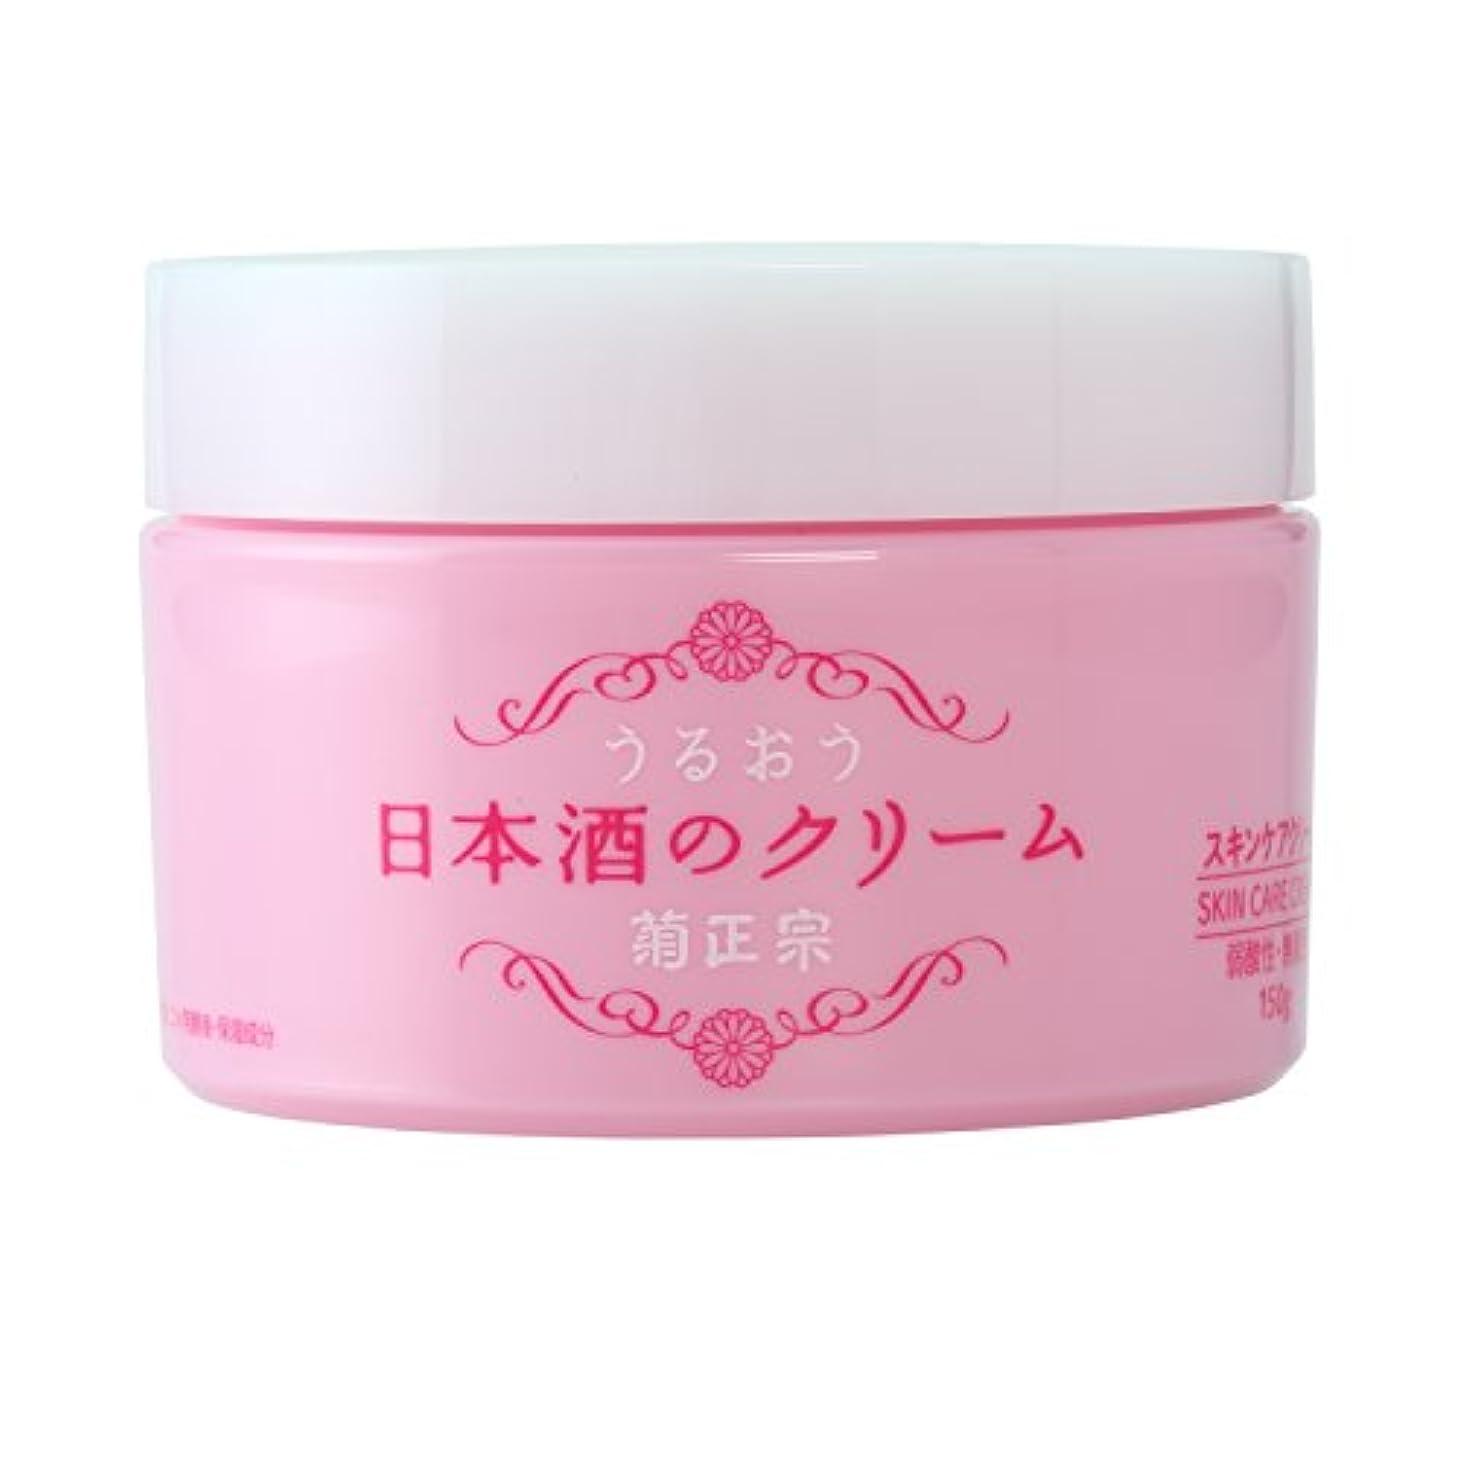 に対応するもちろん休み菊正宗 日本酒のクリーム 150g 顔 全身 保湿